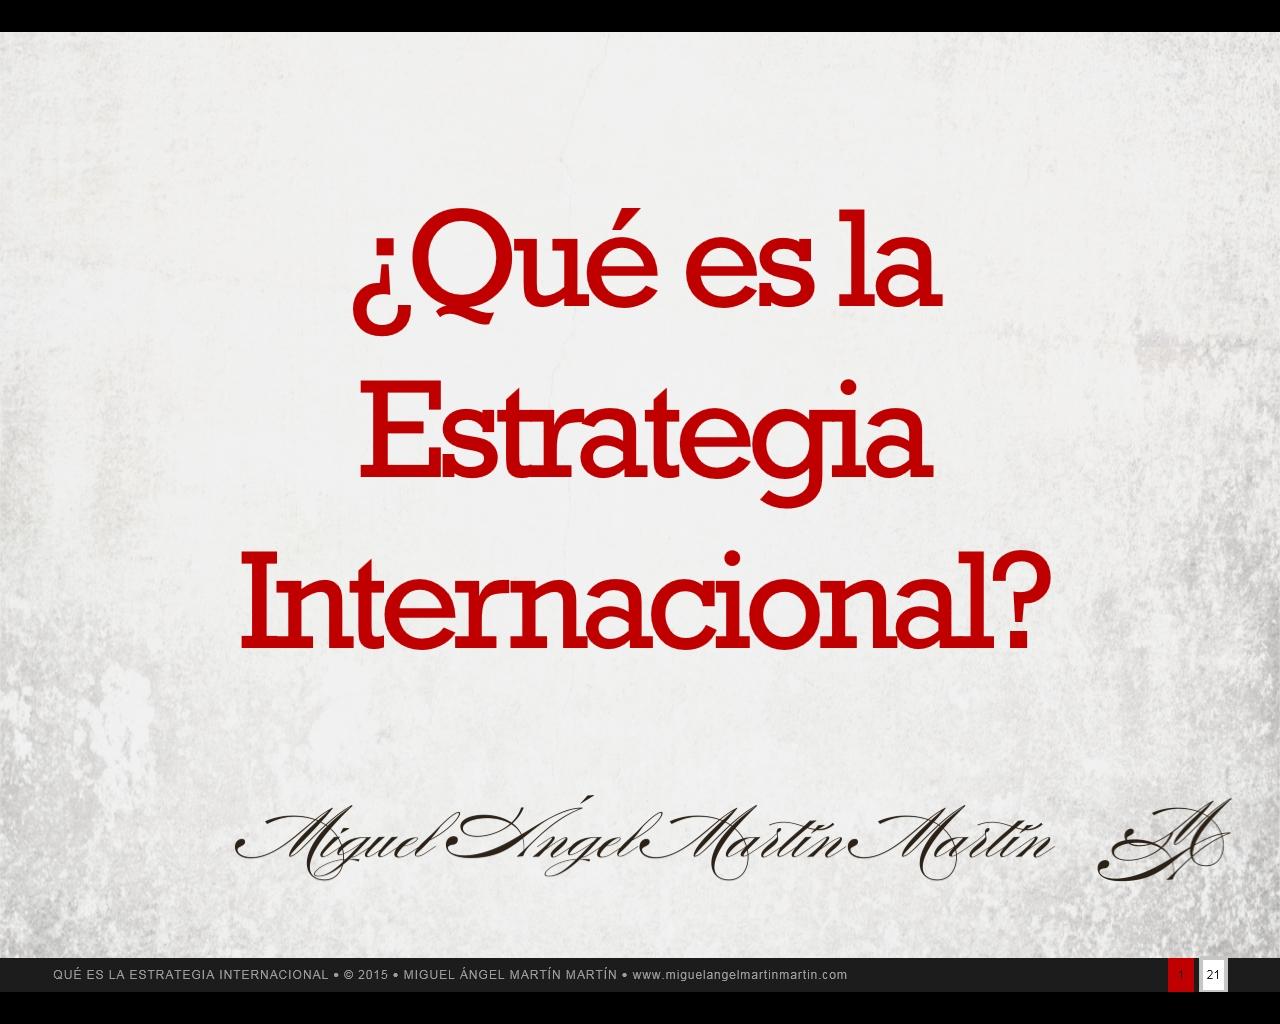 Que es la Estrategia Internacional - Miguel Angel Martin Martin - Consultor Senior Experto en Comercio Exterior